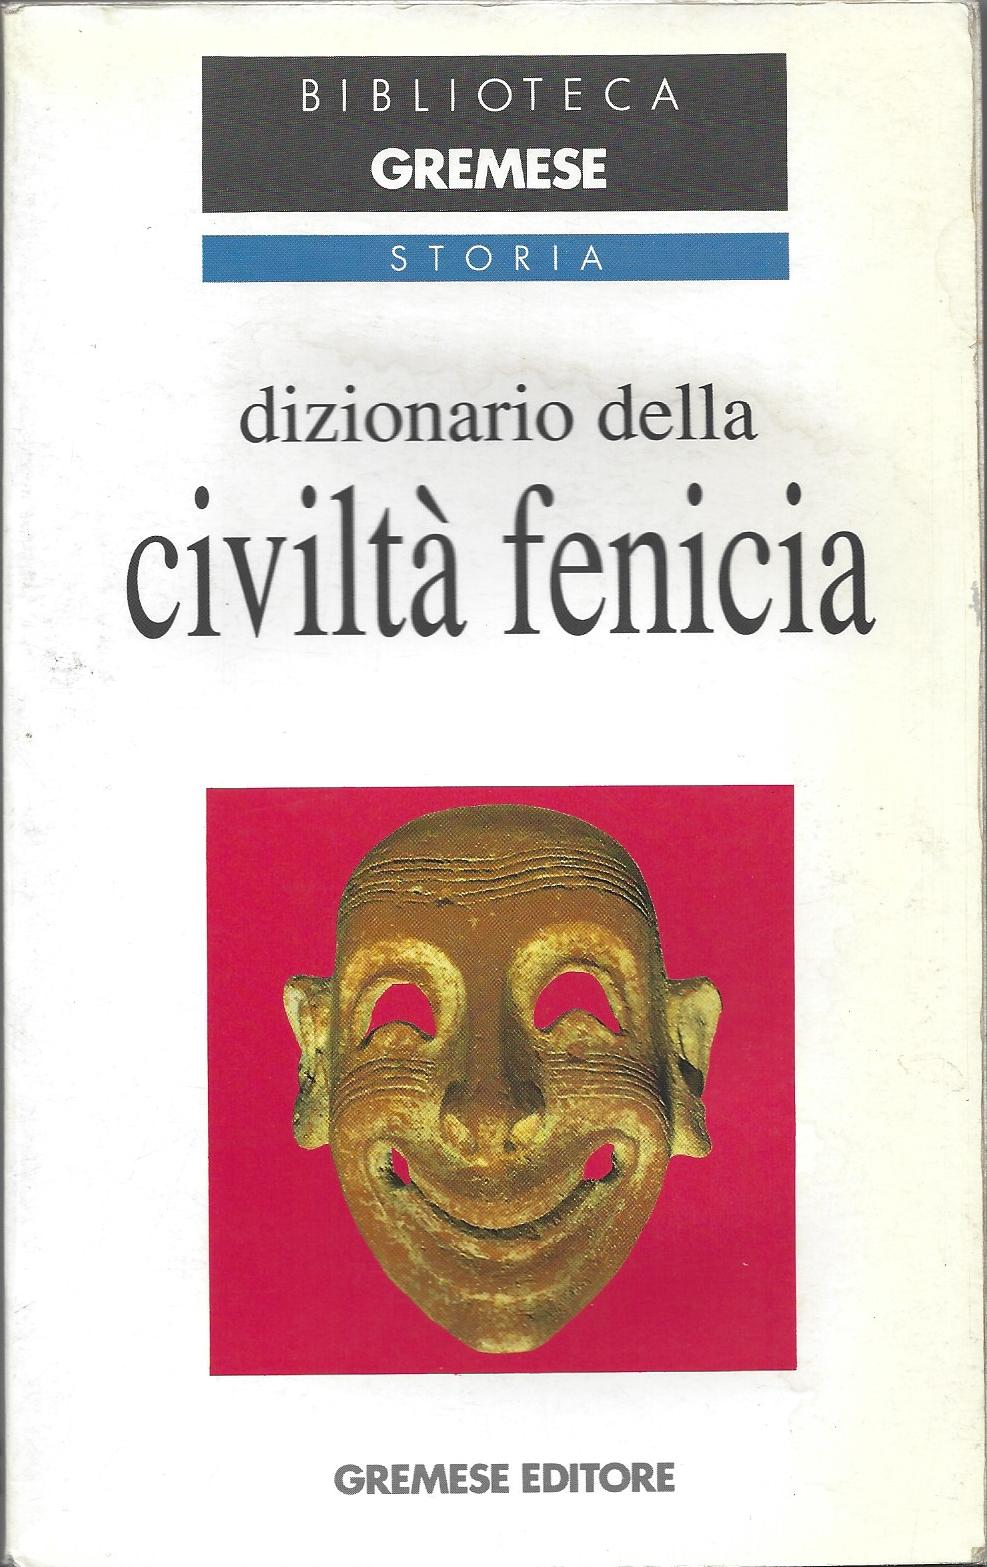 Dizionario della civiltà fenicia